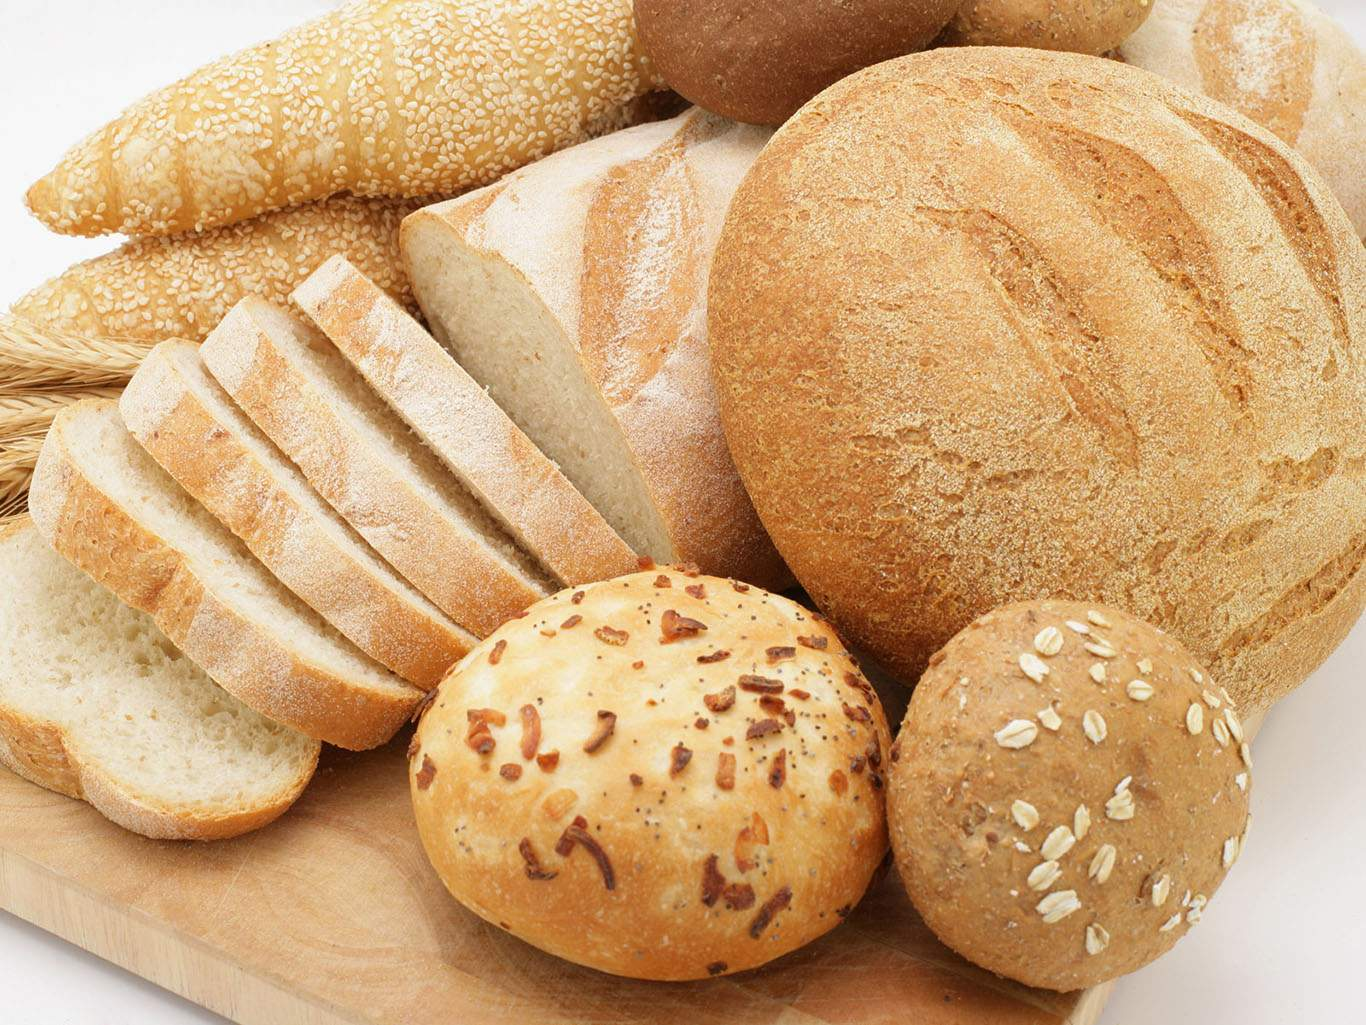 Белый хлеб лучше заменить на цельнозерновой